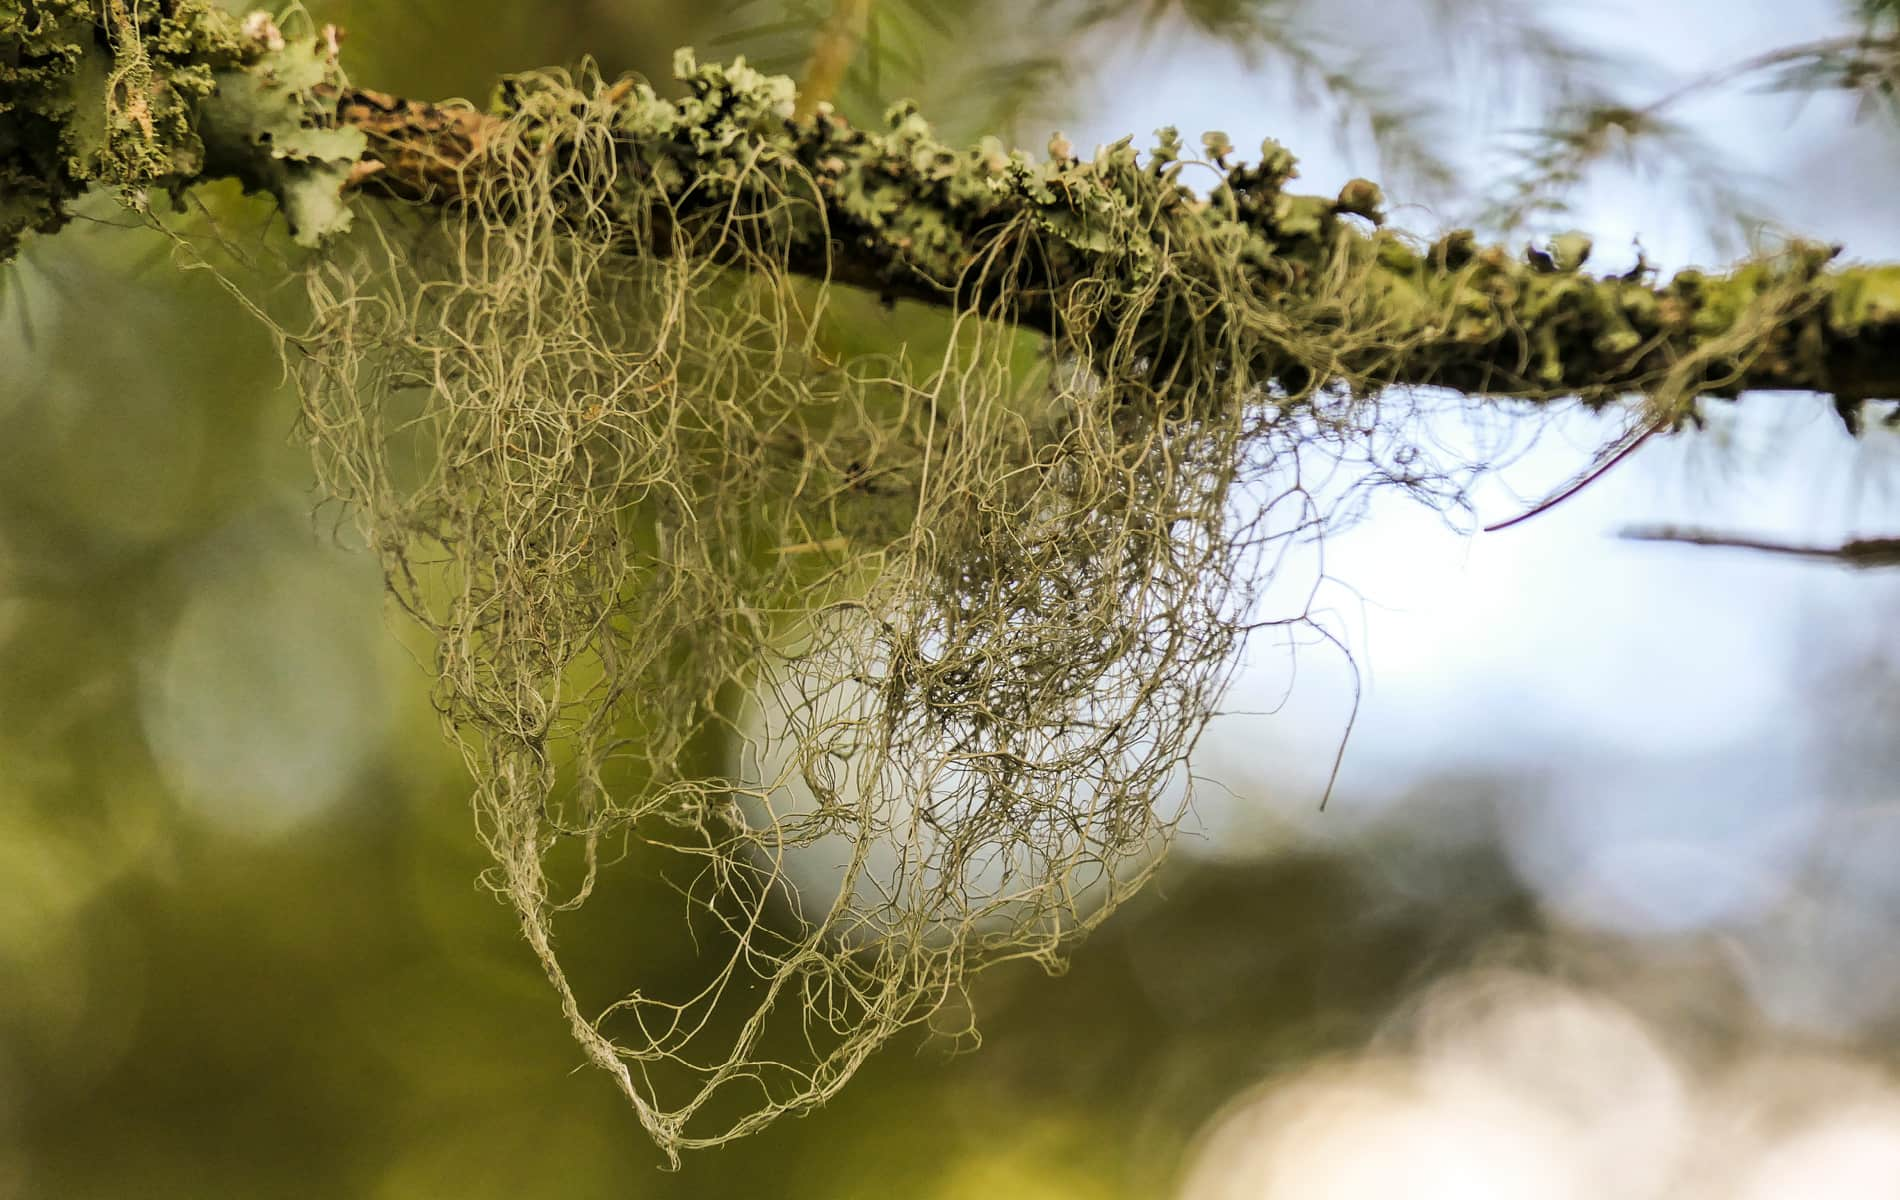 Moosflechte an dünnem Ast im Wald